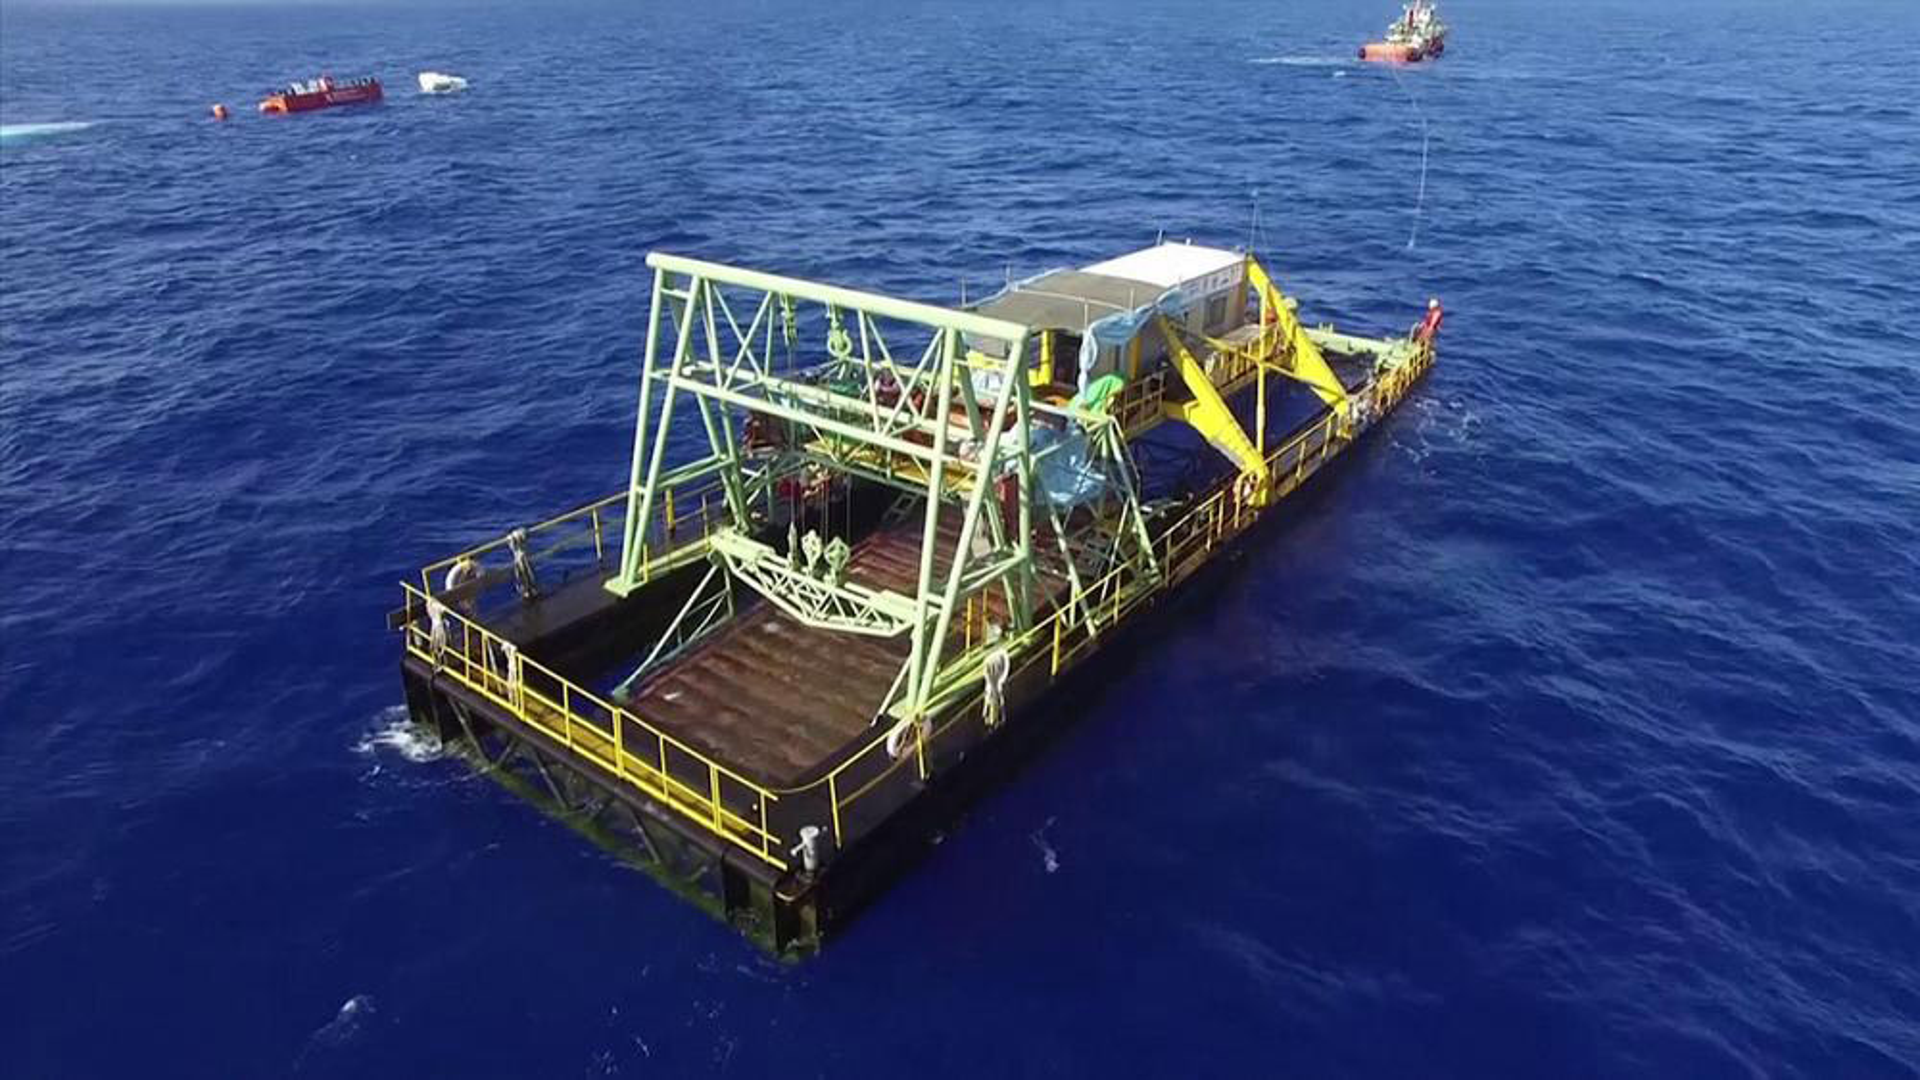 تولید موفقت آمیز برق از جریان آب اقیانوس در تایوان + فیلم